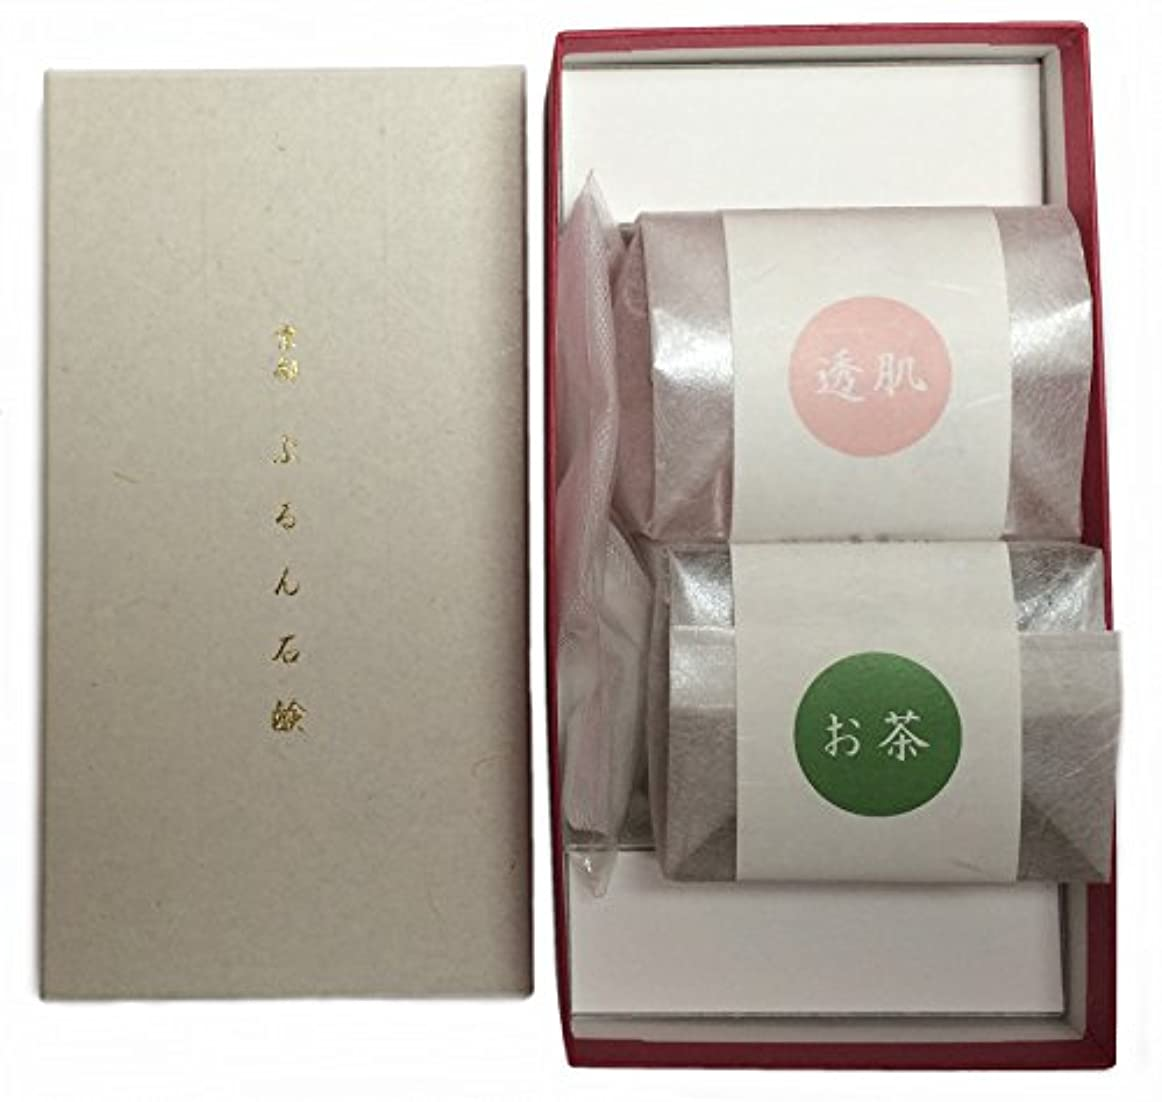 配列好奇心盛奇跡京都 ぷるん石鹸 ピュアソープ ヒアルロン酸 コラーゲン ギフトボックス 2種2個セット